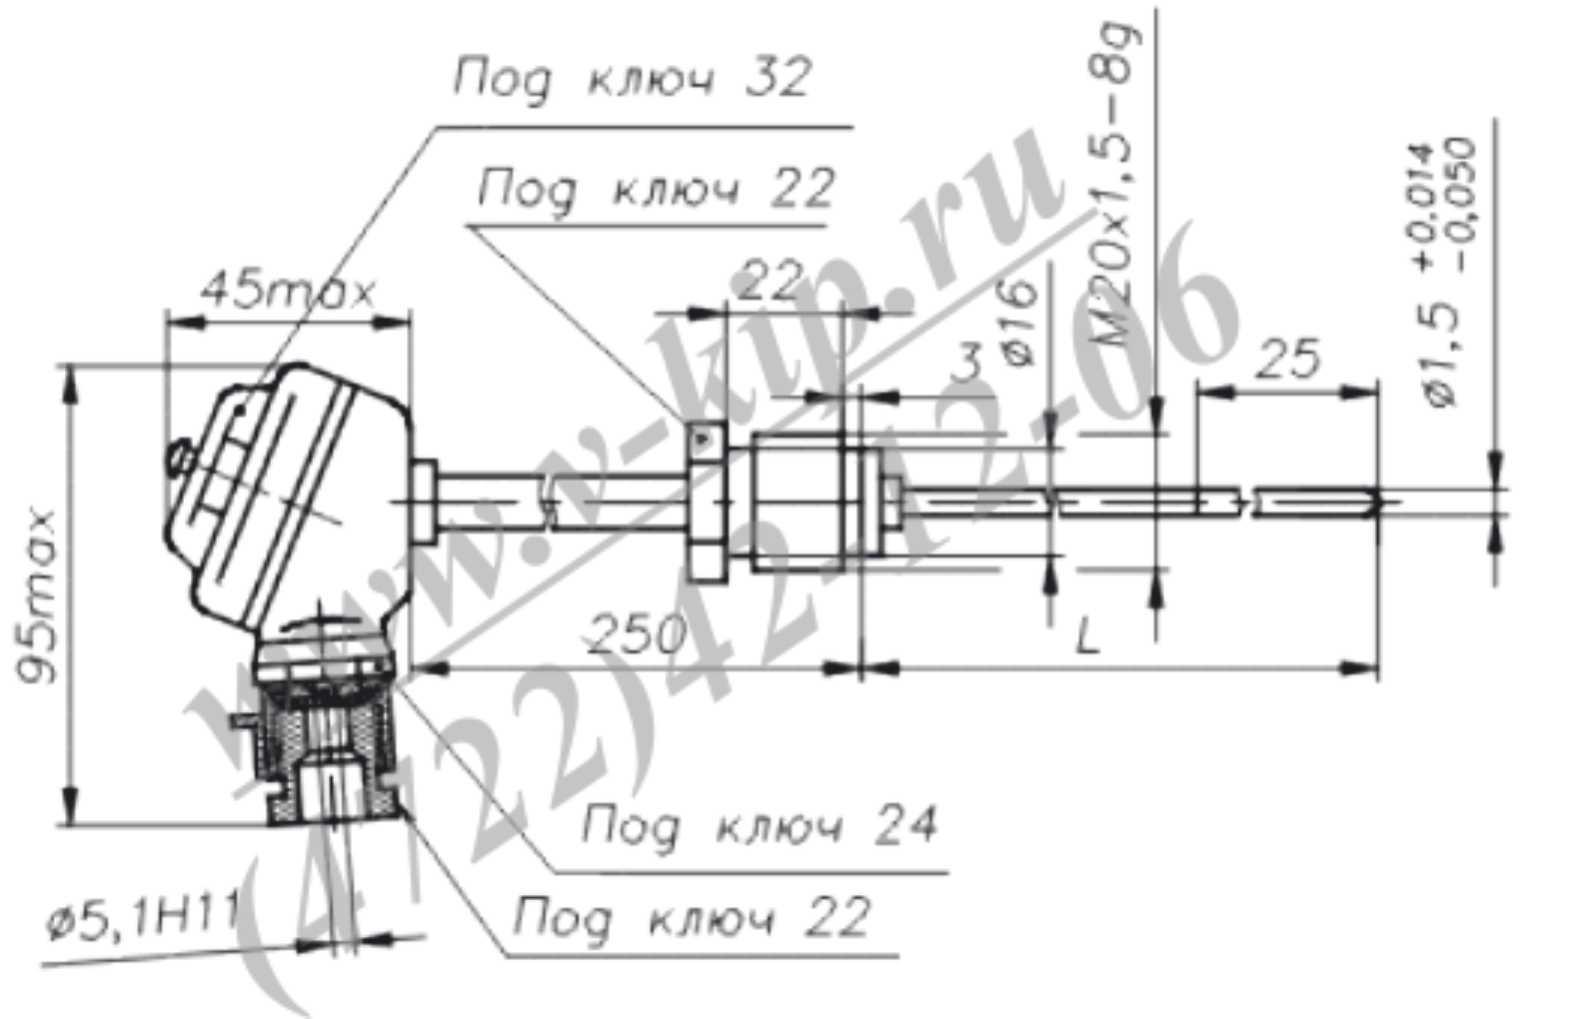 ТХА-1690В, ТХК-1690В термопреобразователи - габаритная схема 4